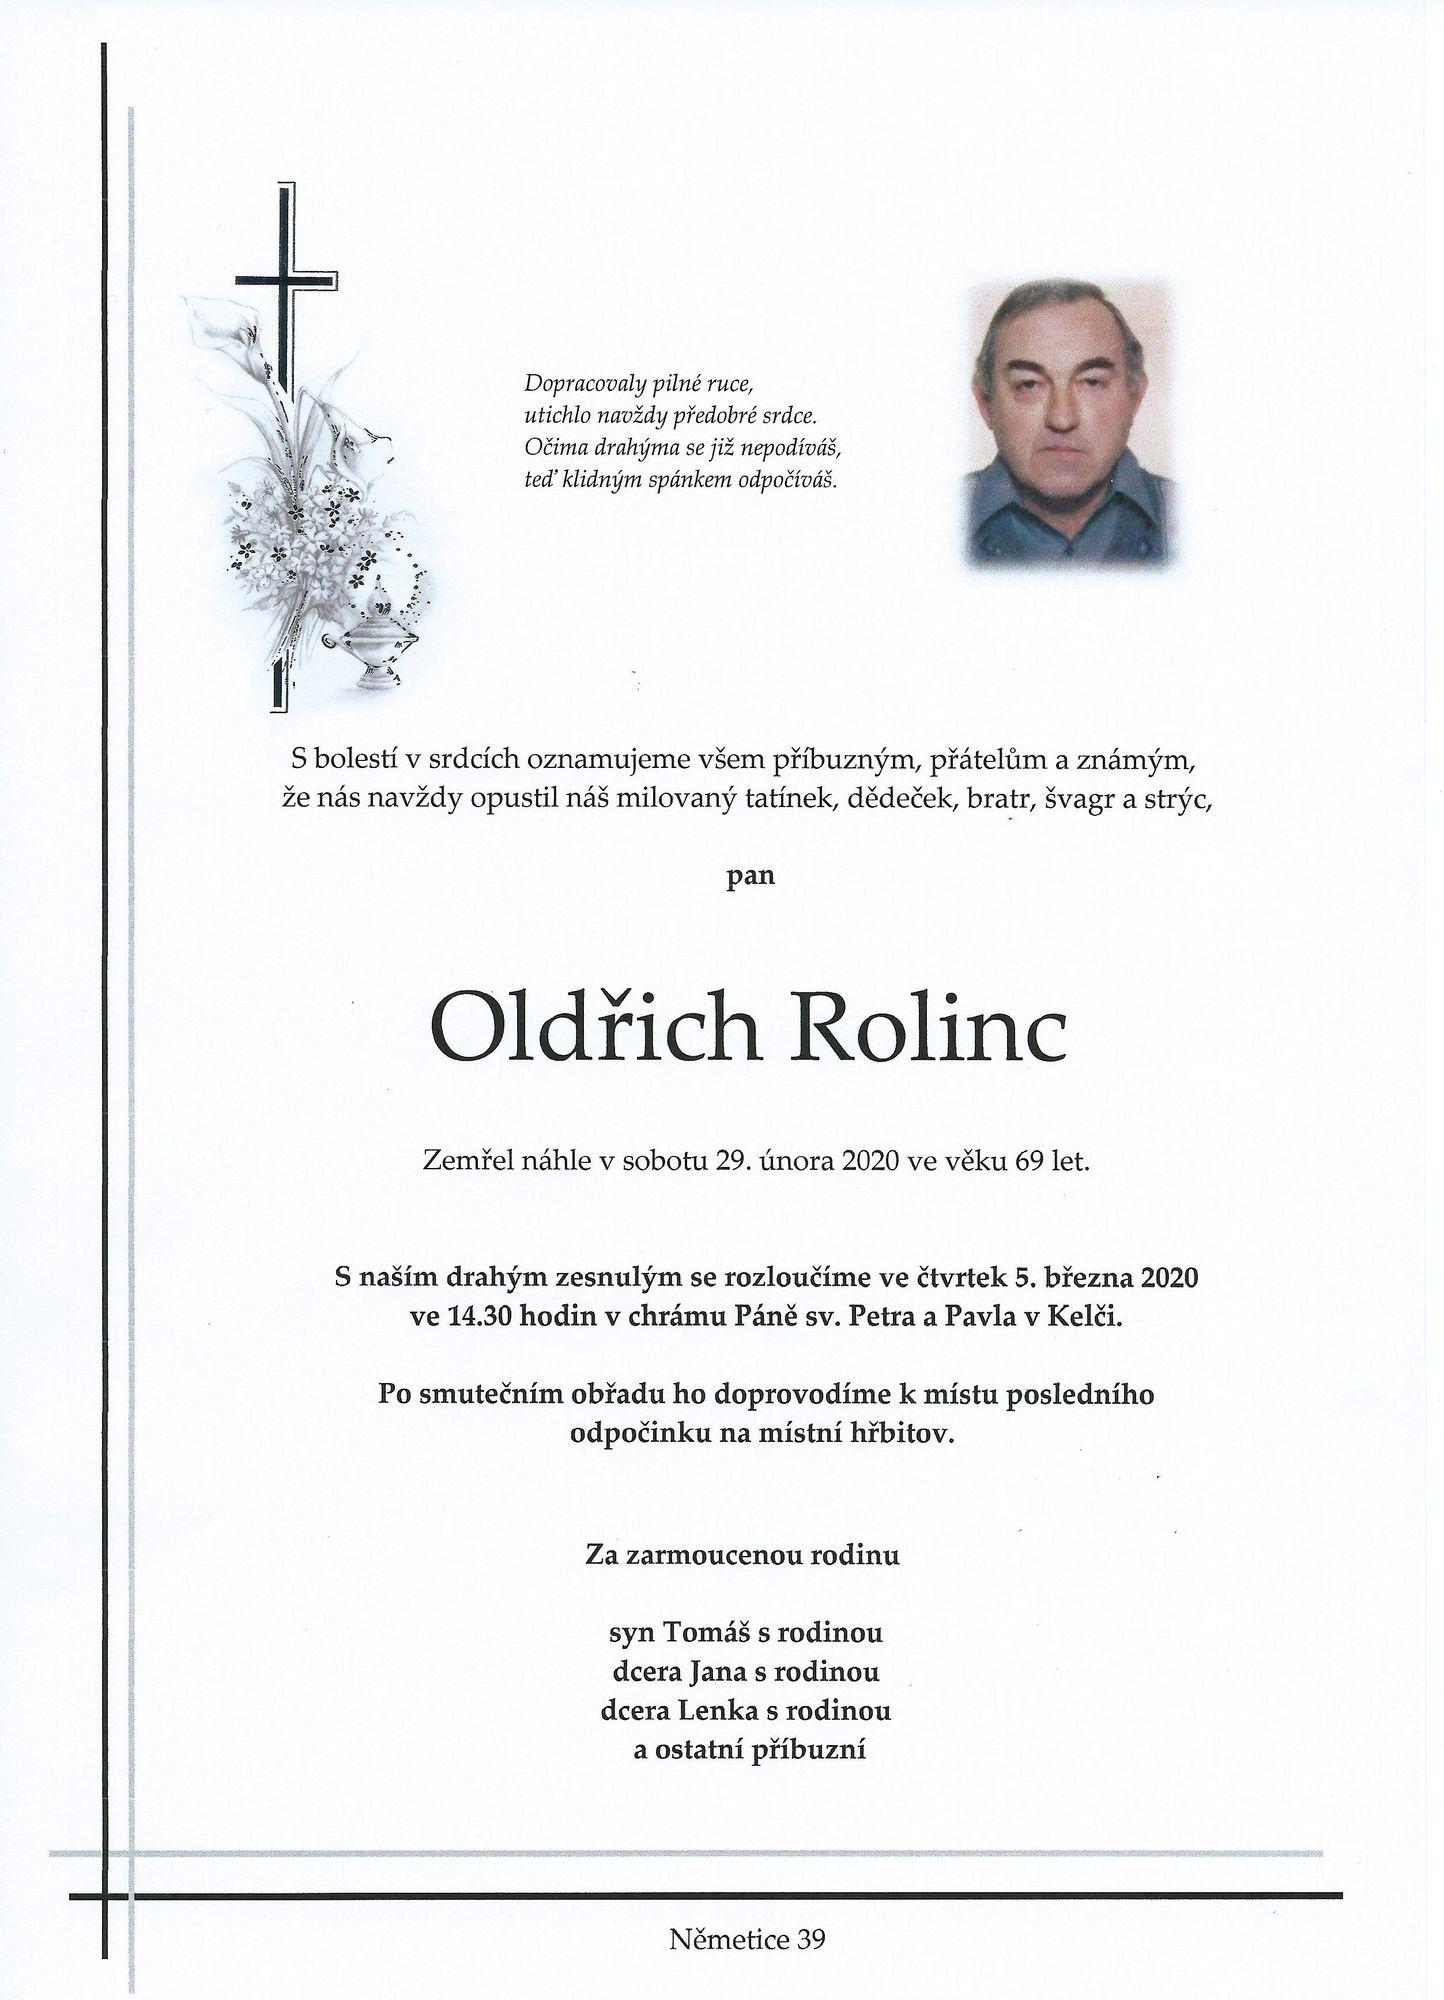 Oldřich Rolinc